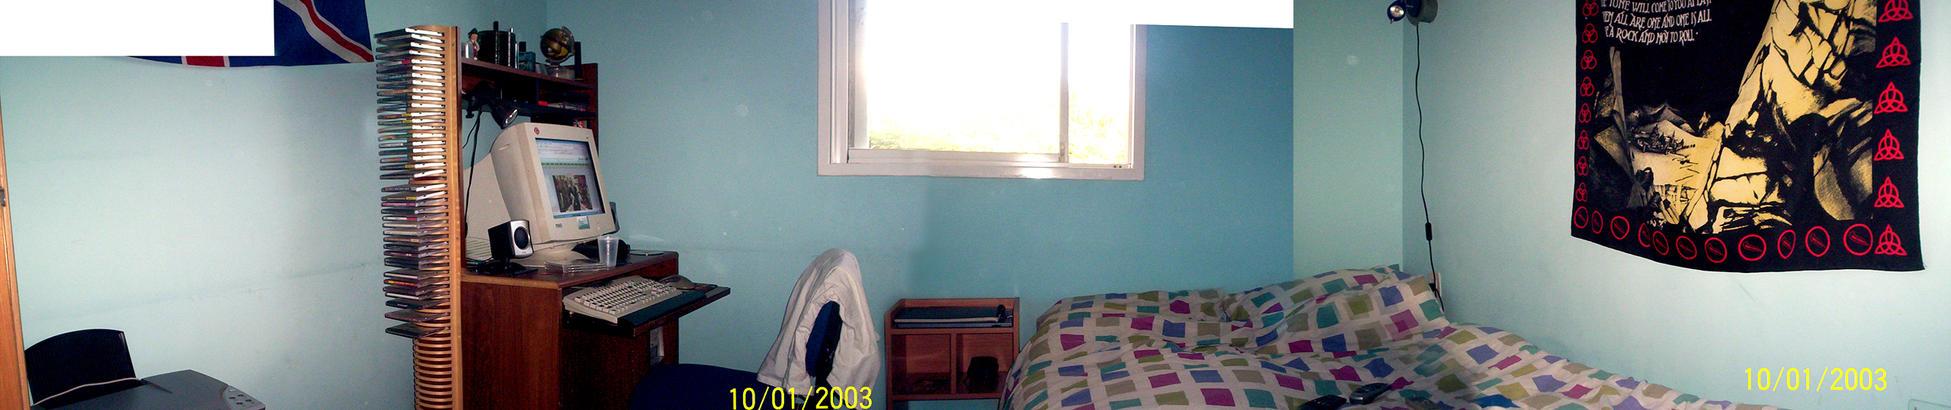 My room by La-Bamba